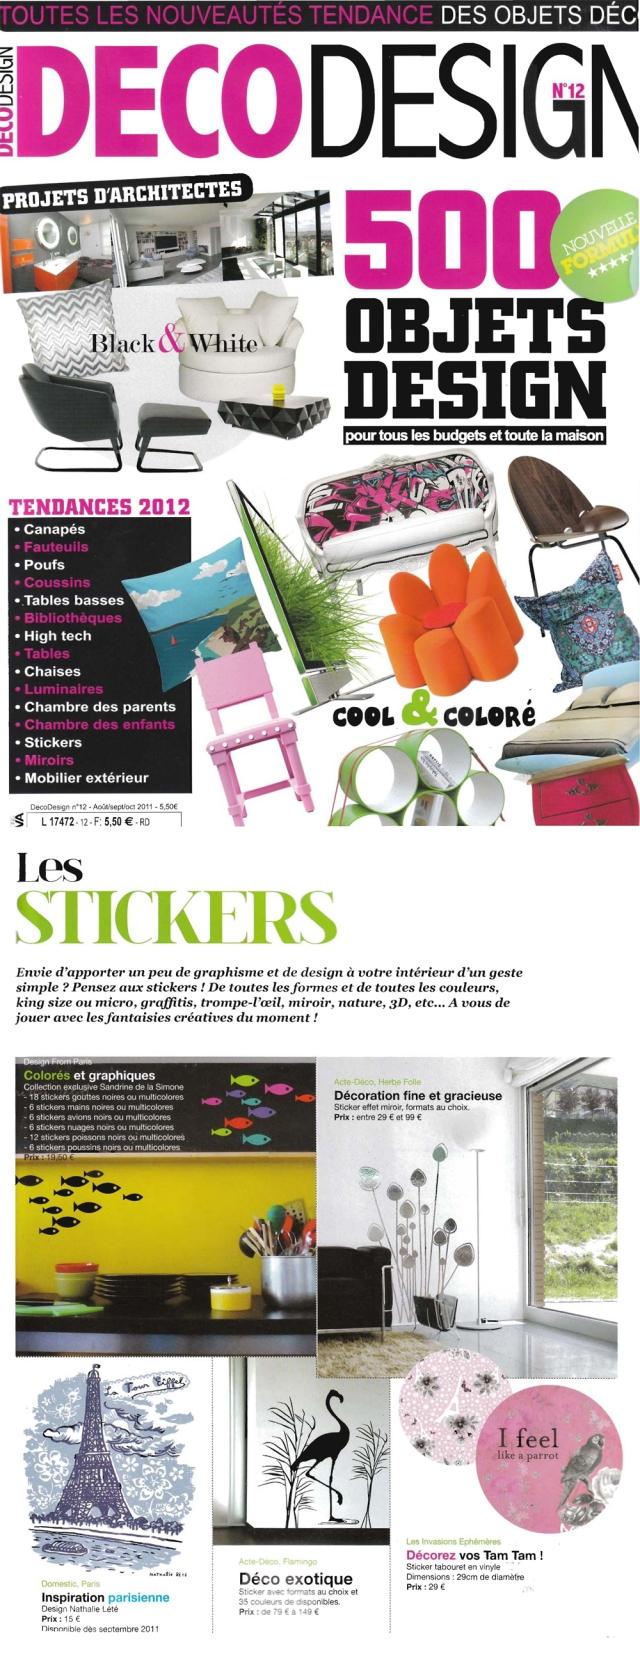 Magasine Deco Design Septembre 2011